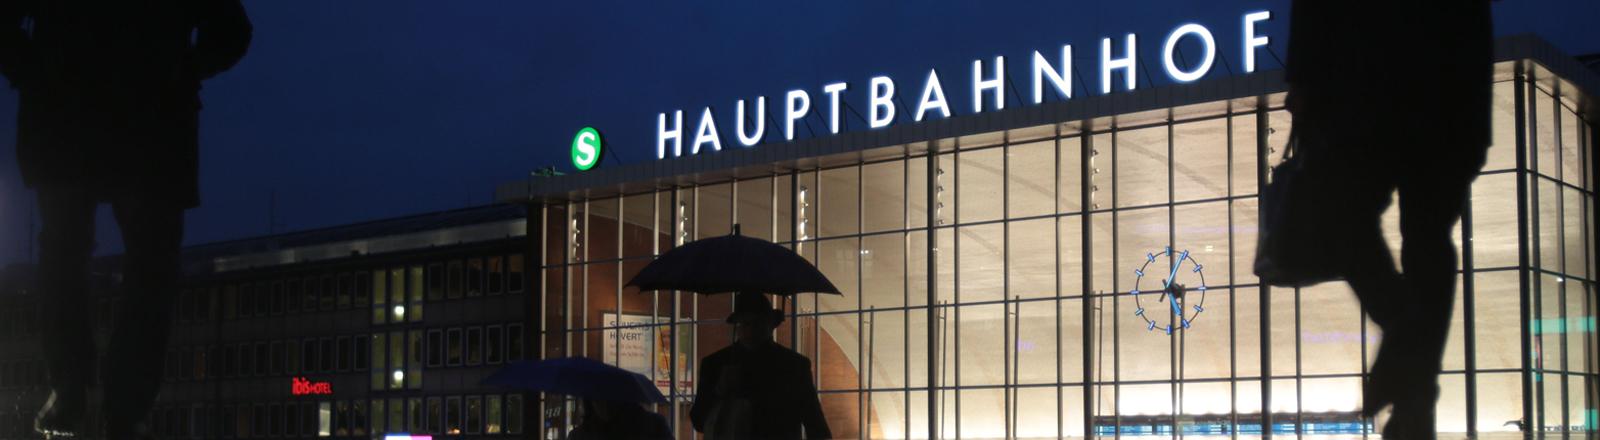 Blick auf den Kölner Hauptbahnhof bei Nacht.